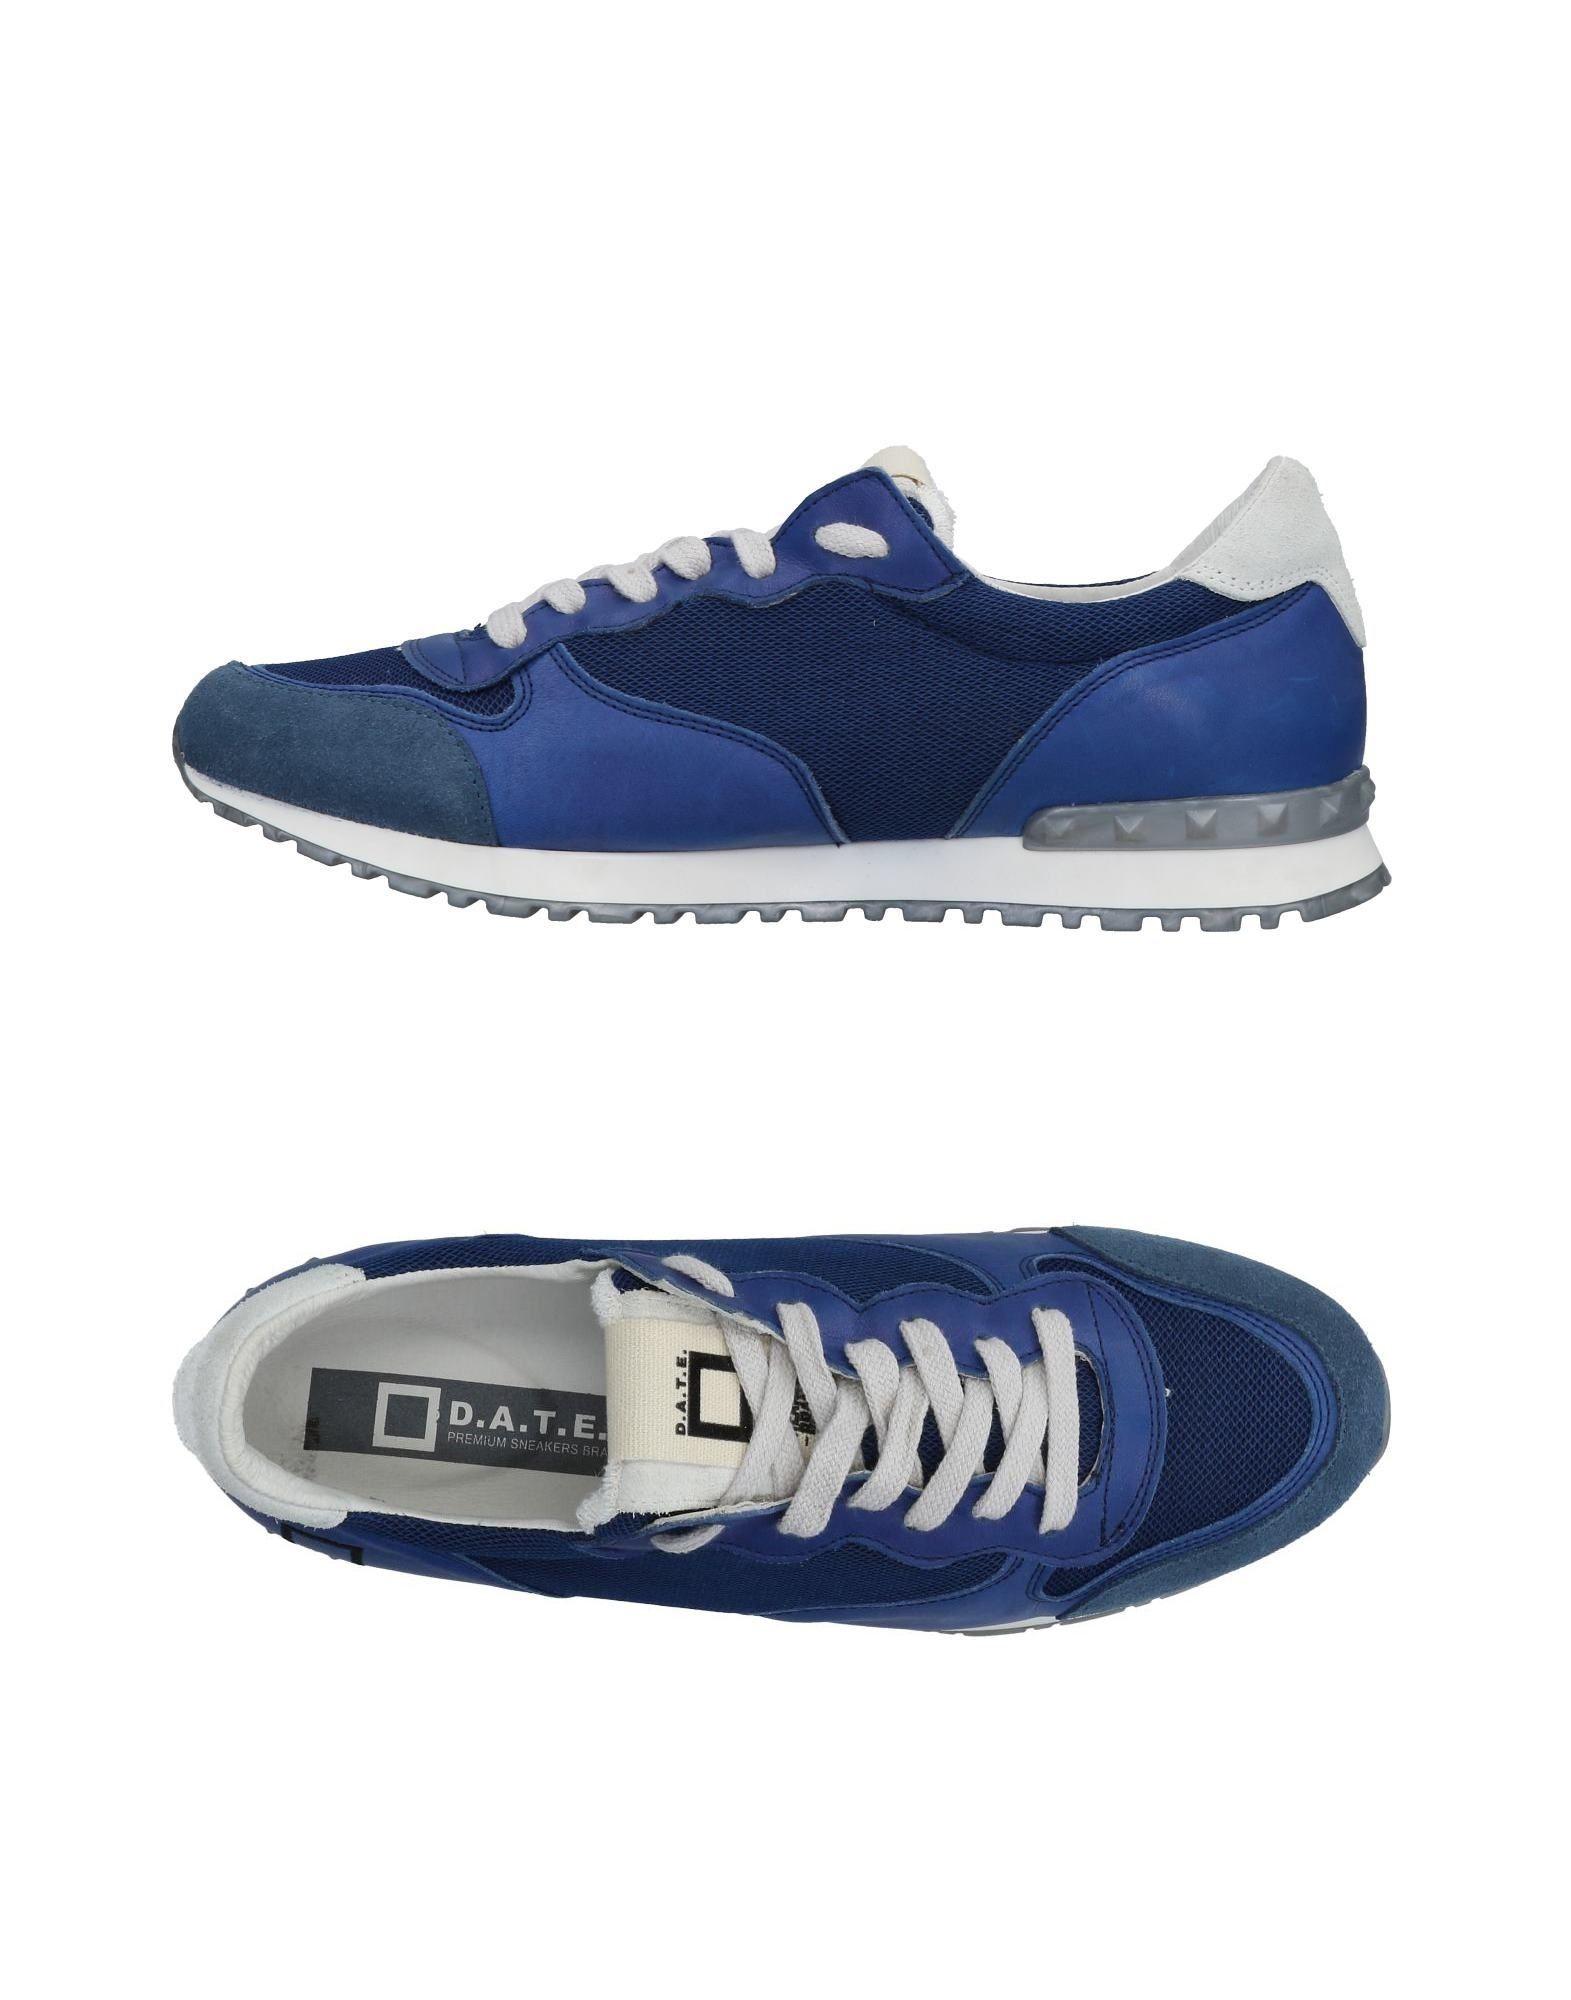 Sneakers D.A.T.E. Uomo - 11476279GN Scarpe economiche e buone